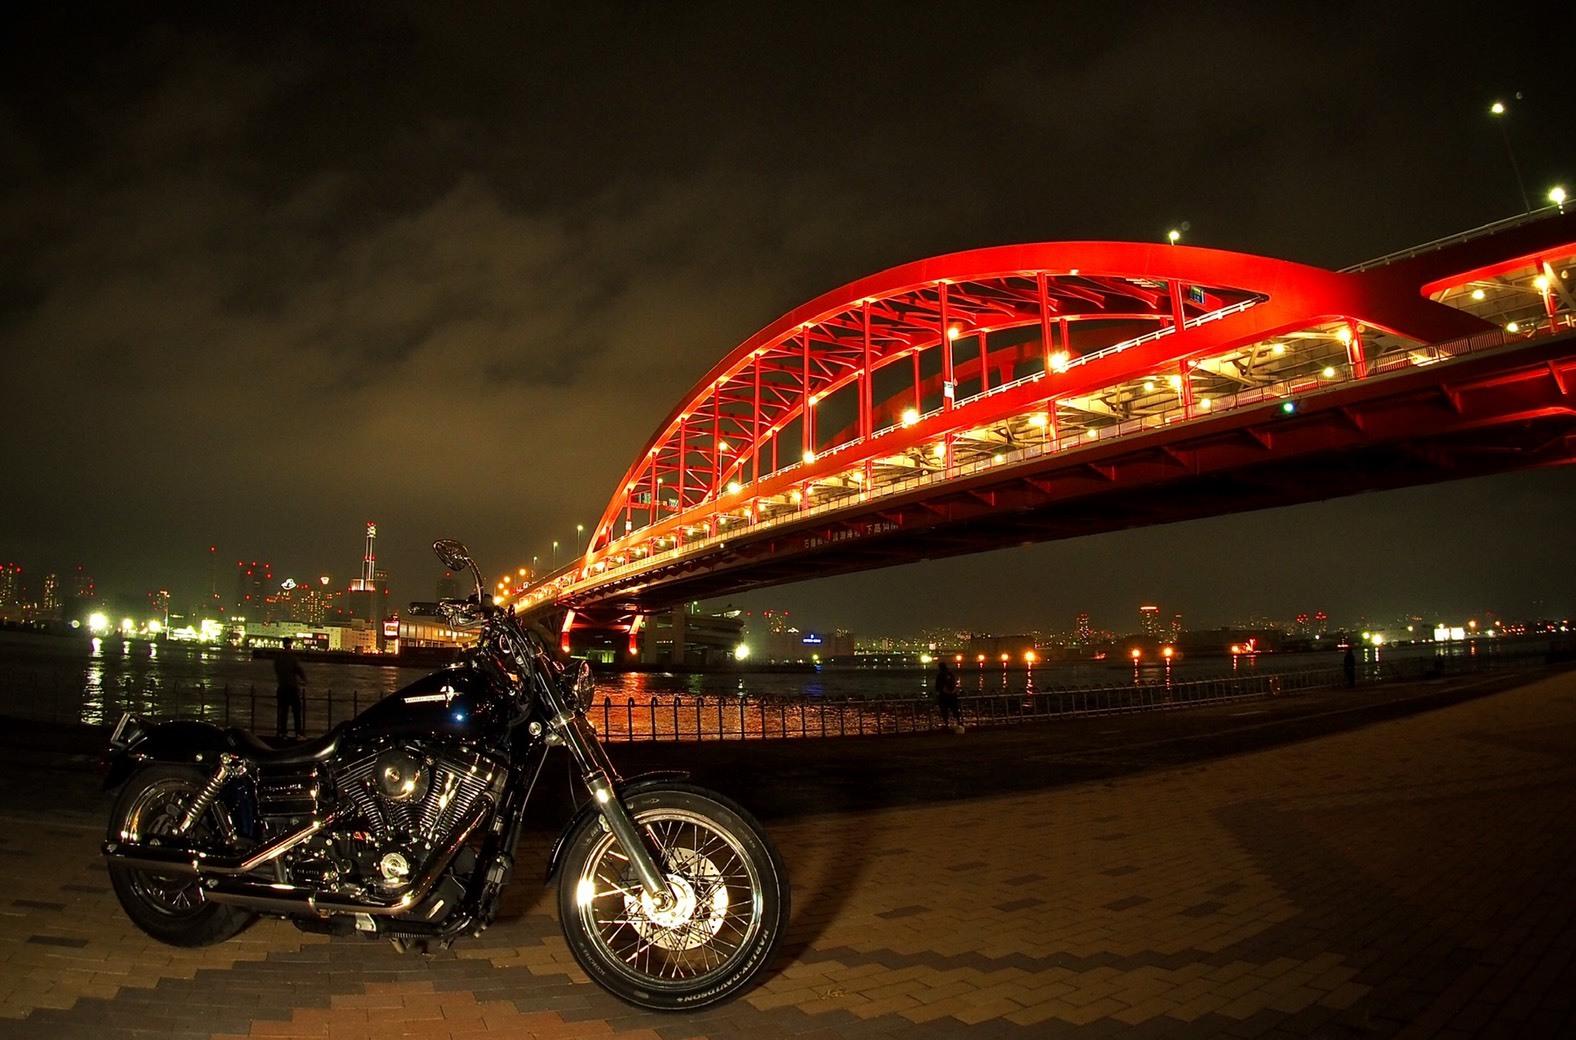 ぴーきちハーレーブログ 神戸ナイトツーリング 夜景撮影 インスタ映え 神戸大橋